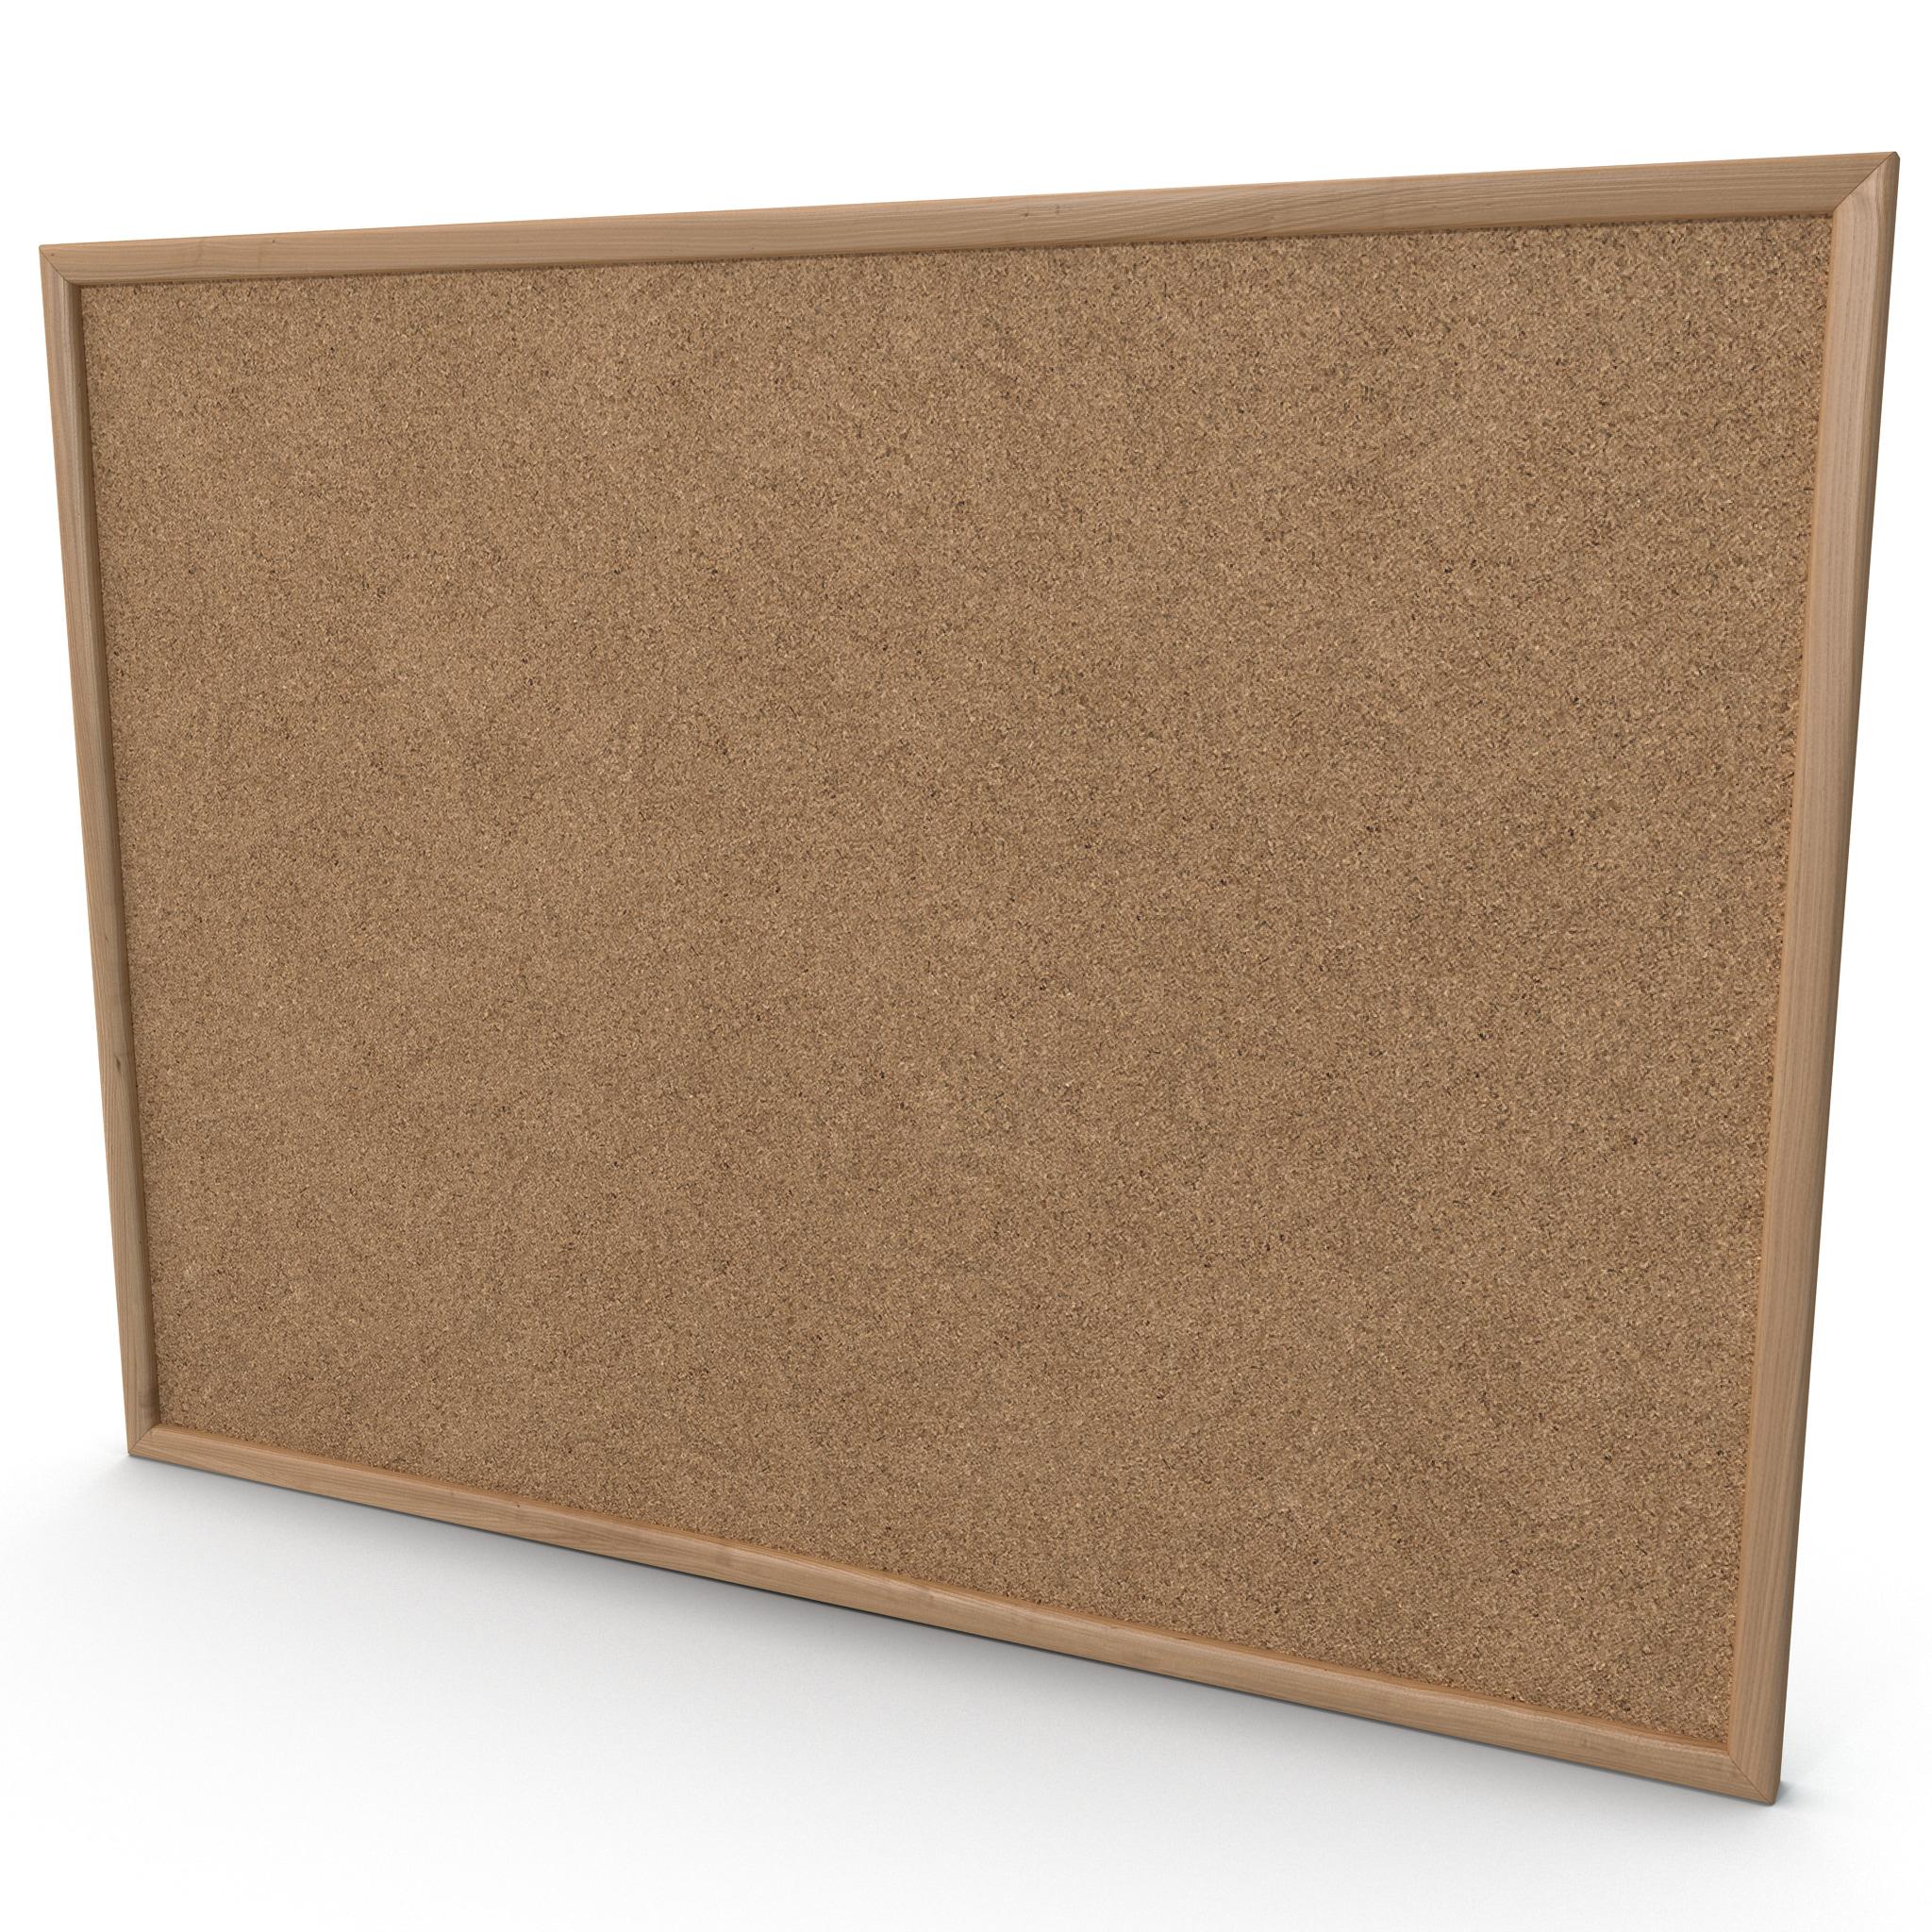 Corkboard_2.jpg